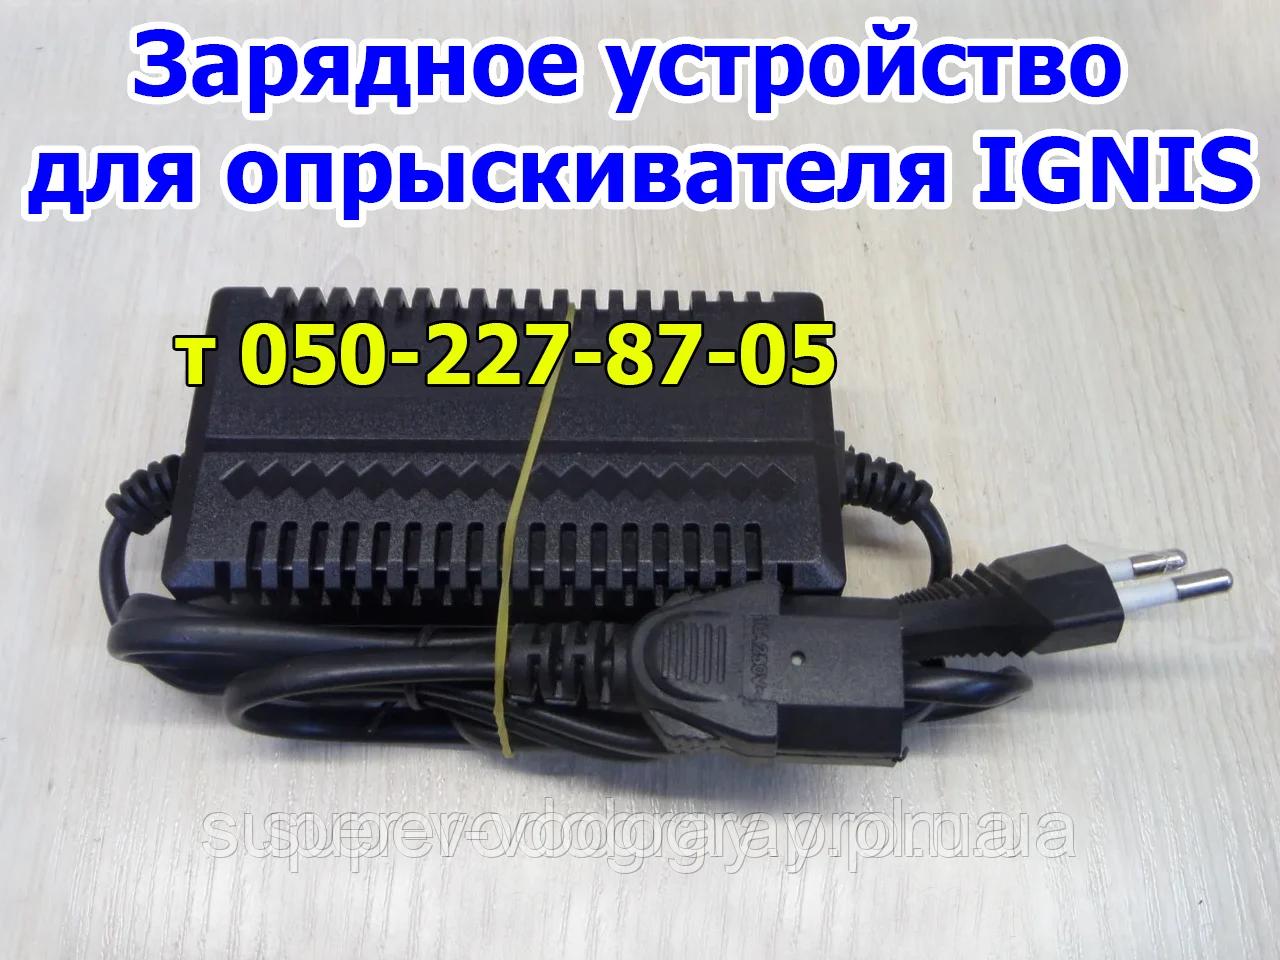 Зарядное устройство для опрыскивателя IGNIS